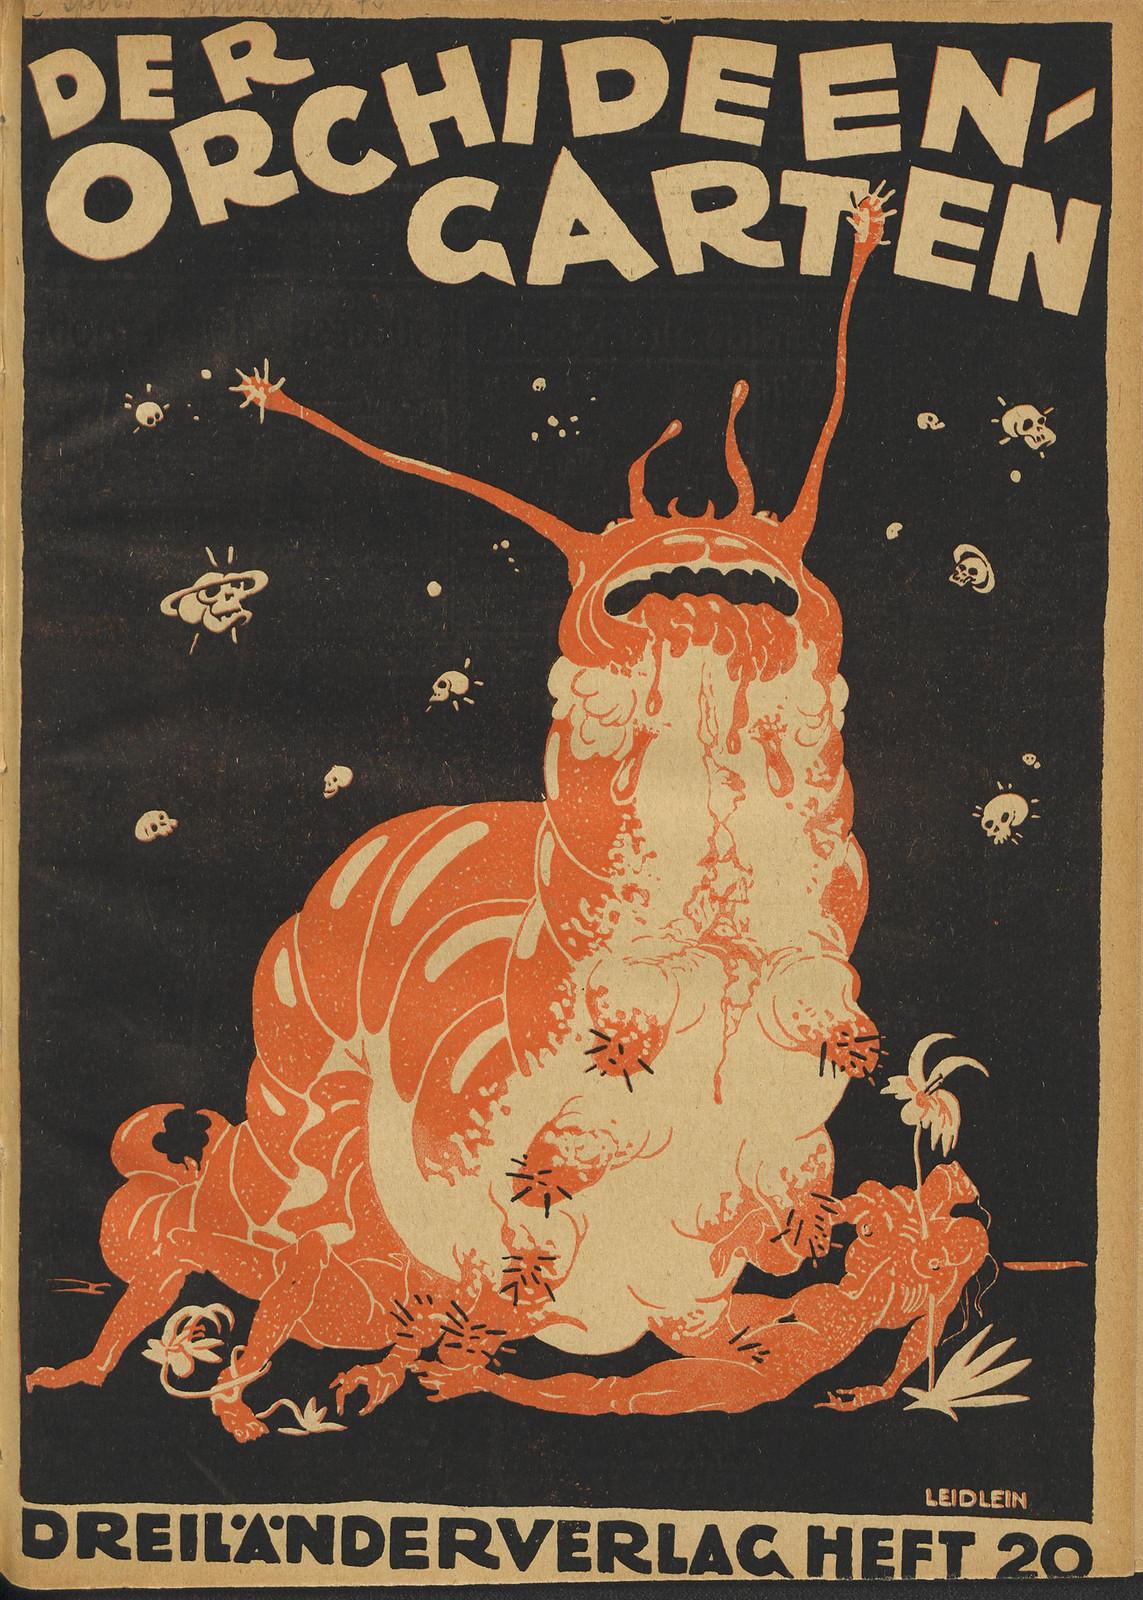 Der Orchideengarten - 1920 (Cover 19)